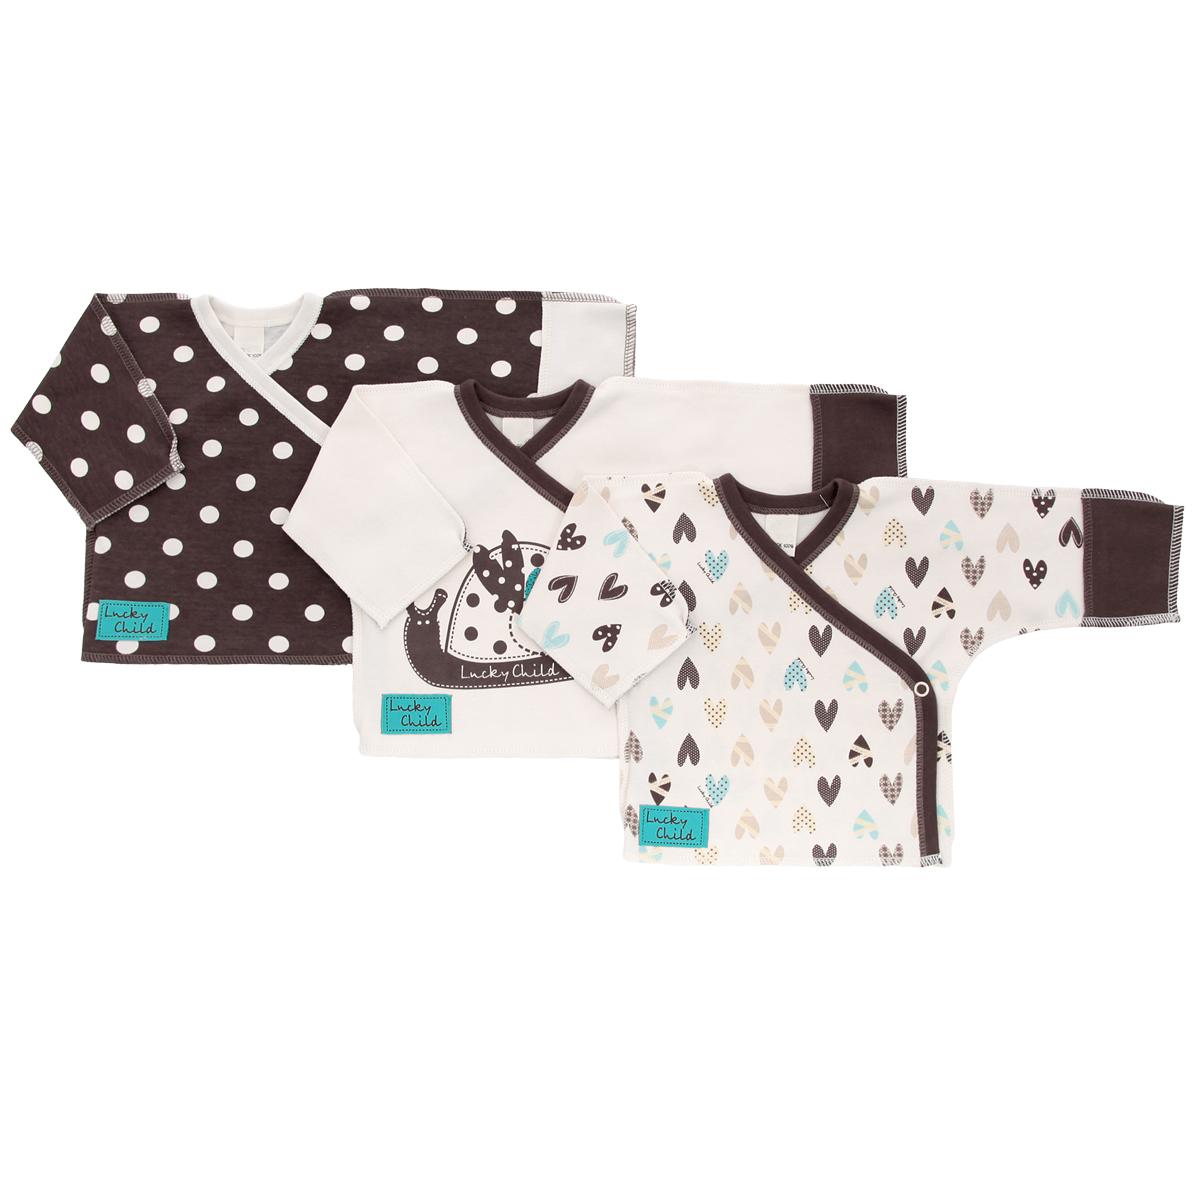 30-137Распашонка-кимоно Lucky Child Улитки послужат идеальным дополнением к гардеробу вашего ребенка. Распашонка, изготовленная из интерлока - натурального хлопка, необычайно мягкая и легкая, не раздражает нежную кожу ребенка и хорошо вентилируется, а эластичные швы, выполненные наружу, приятны телу младенца и не препятствуют его движениям. В комплект входят три распашонки с V-образным вырезом горловины и длинными рукавами-кимоно, оформленные различным принтом: гороховым принтом, принтом с мелким изображением сердечек по всей поверхности и принтом с изображением улитки. Также распашонки дополнены специальными отворотами на рукавах и украшены небольшой нашивкой с названием бренда. Распашонки застегиваются на металлические застежки-кнопки по принципу кимоно. В таких кимоно вашему ребенку будет уютно и комфортно!